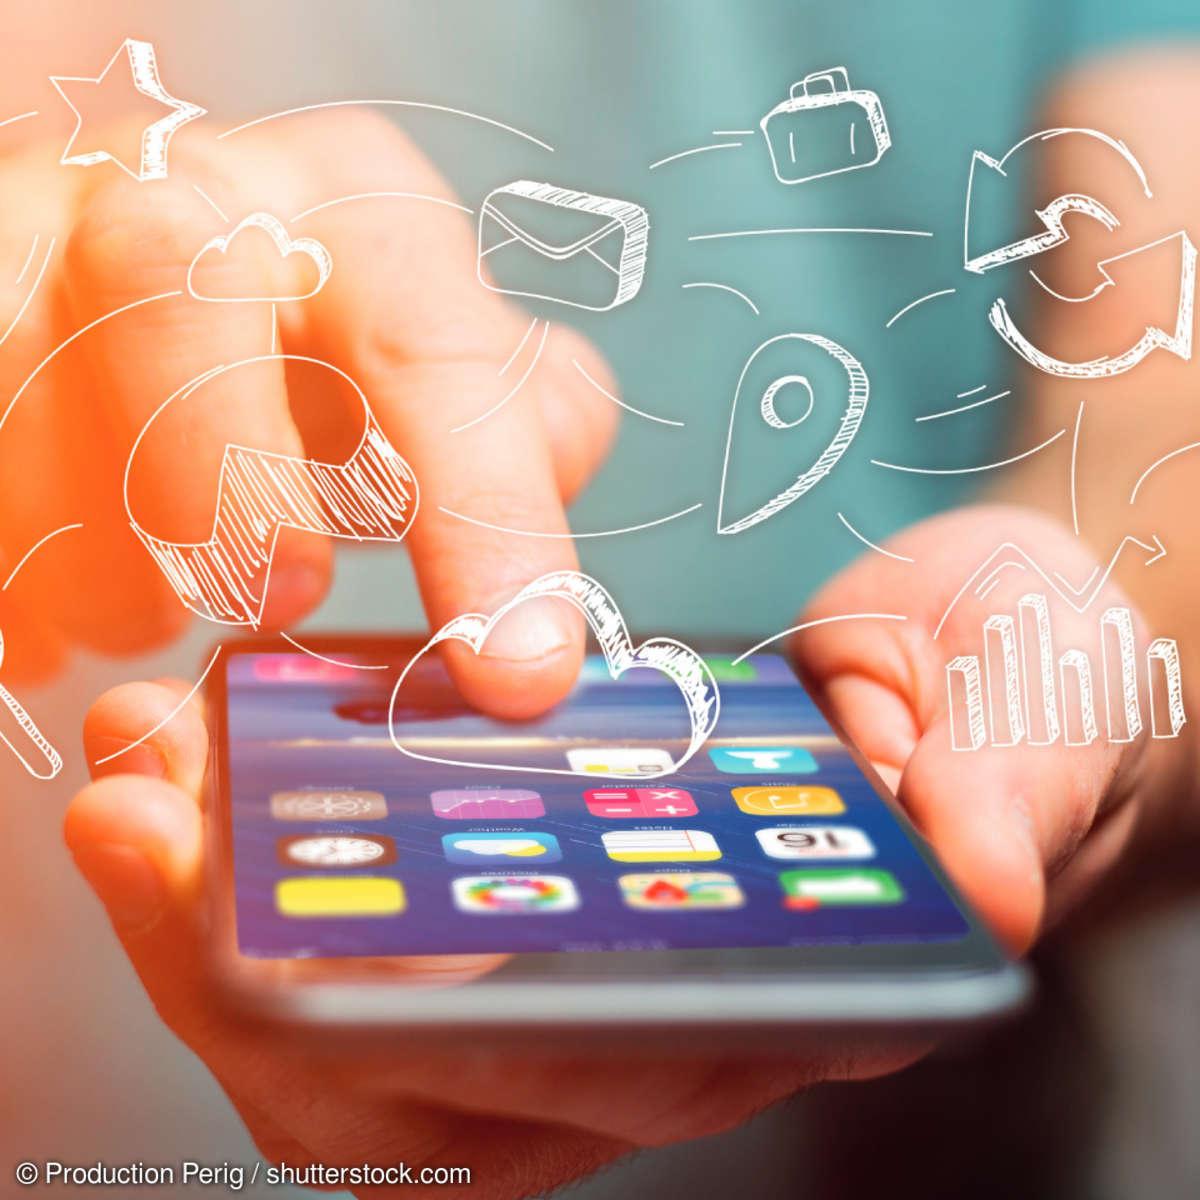 shutterstock_631386677_Apps_Smartphone